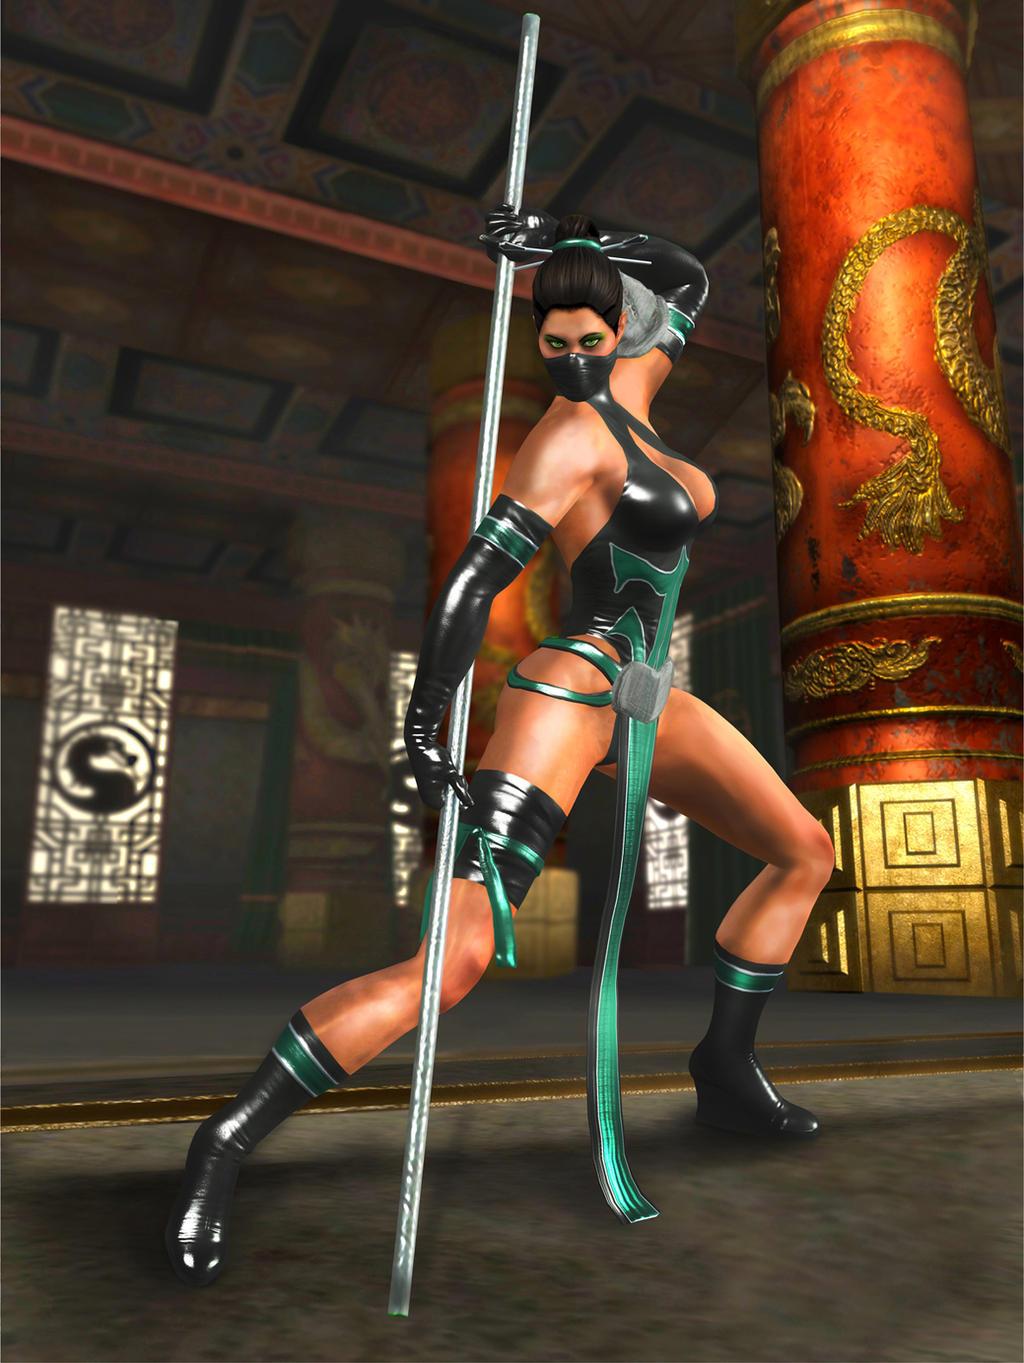 Mortal kombat 2013 nude hentai movies